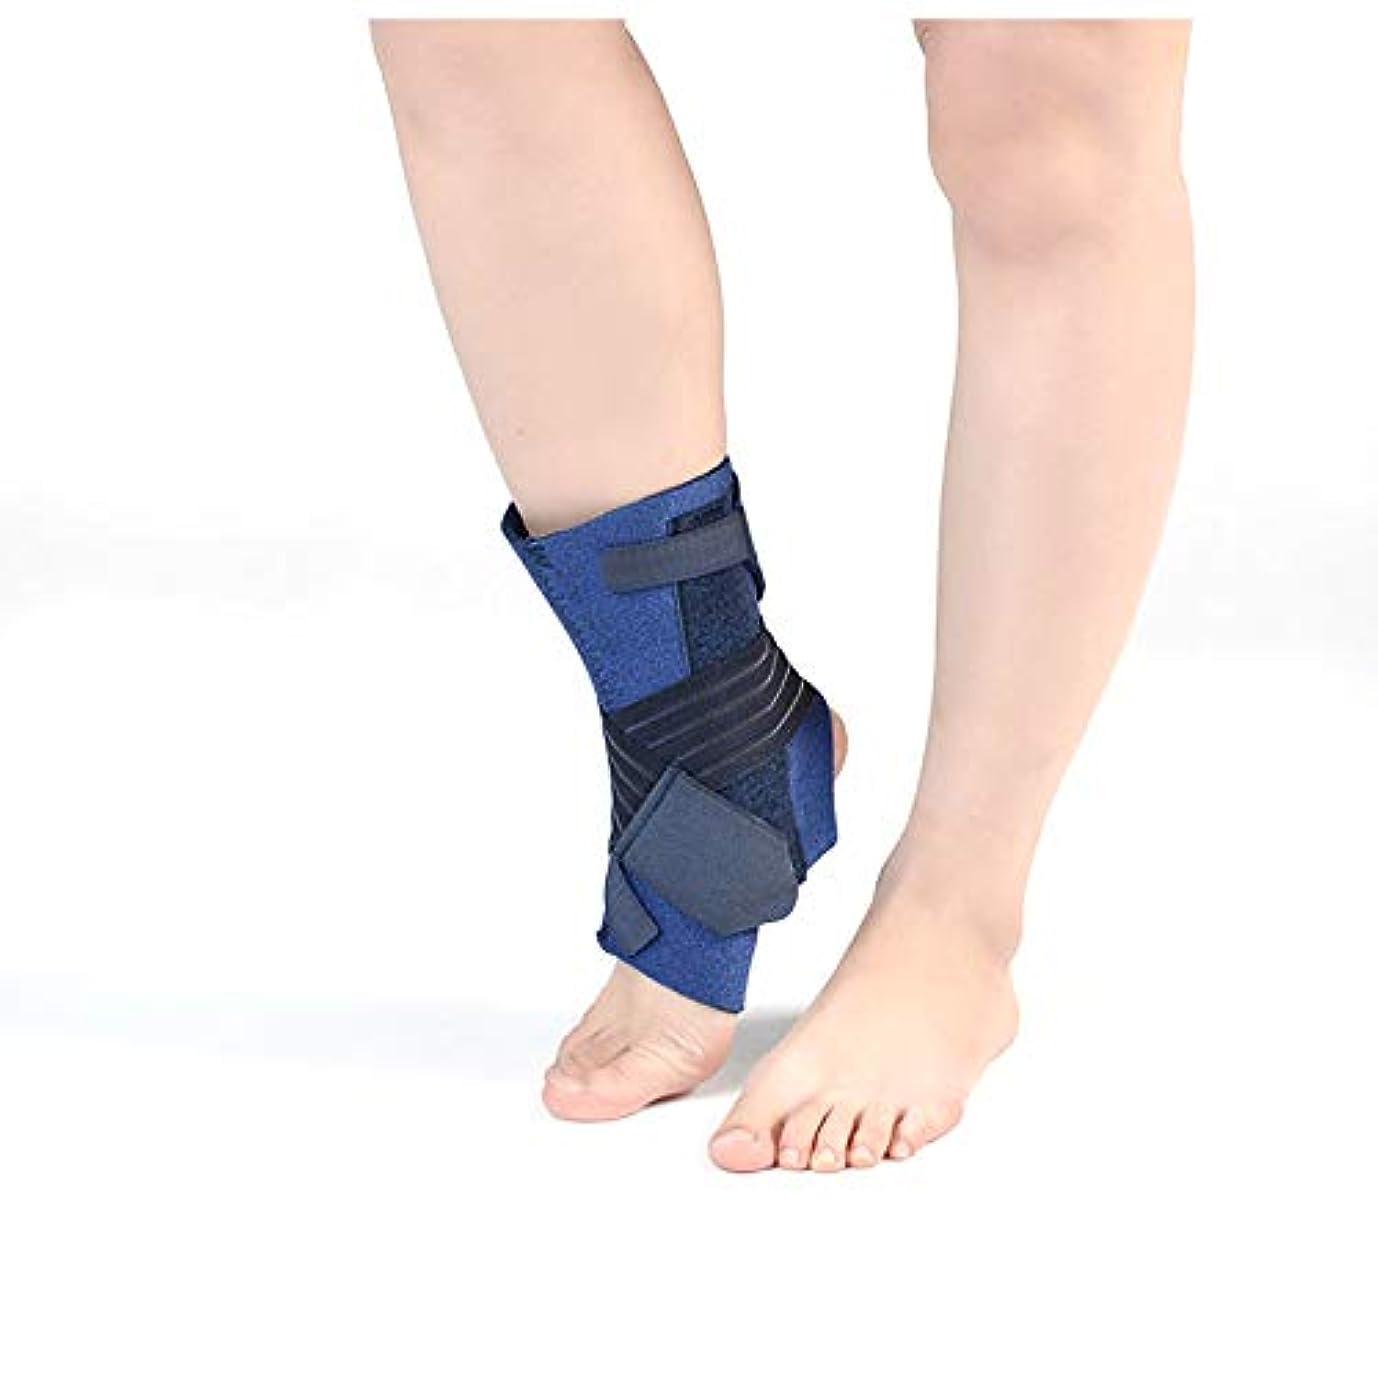 多用途チャーター無効にする足首サポート、男性/女性用の調節可能なベルクロ足首ブレース、スポーツ用足首ラップ、捻rain、靭帯損傷、アキレス腱、関節炎,S